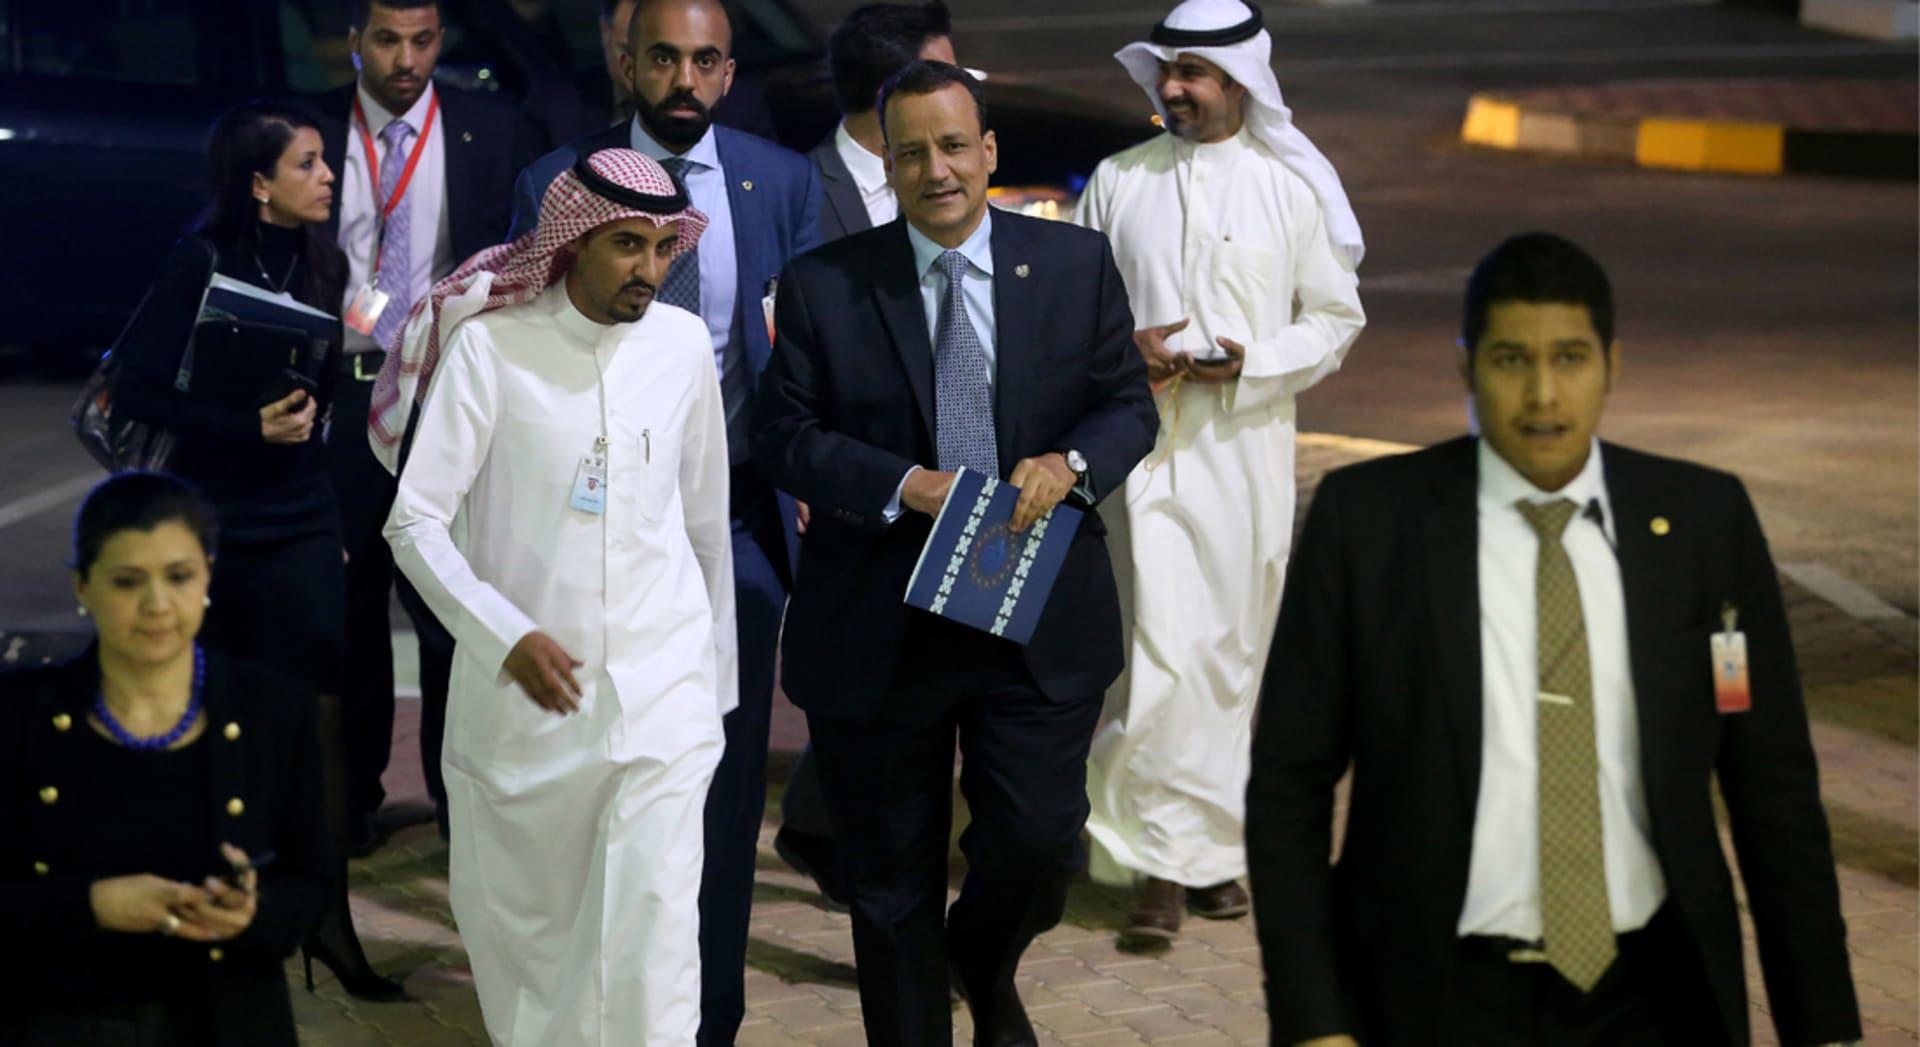 الحوثيون: تسلمنا من السعودية 40 شخصا بينهم 20 أسيرا.. والمبعوث الأممي: الجماعة سلمت تصورها